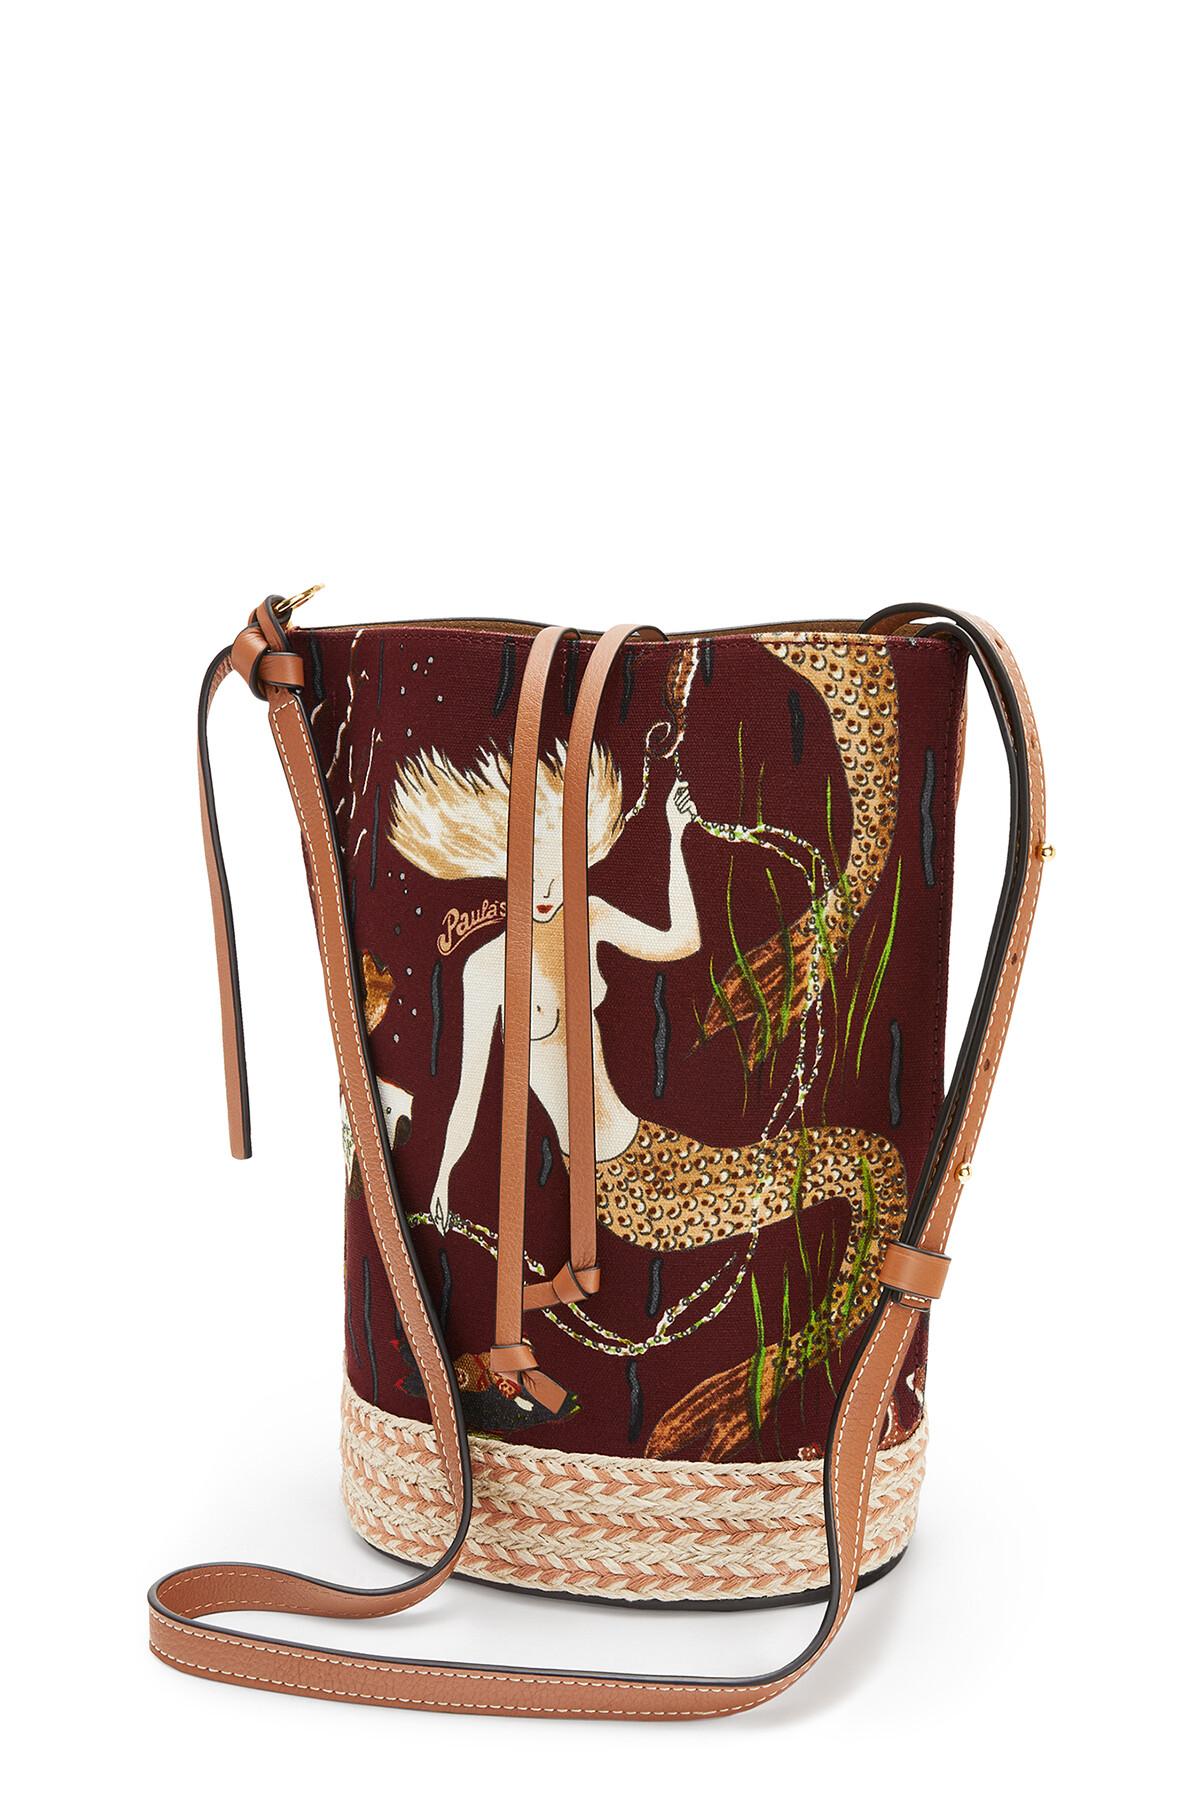 LOEWE Gate Bucket Bag In Mermaid Canvas And Calfskin Burgundy/Tan front